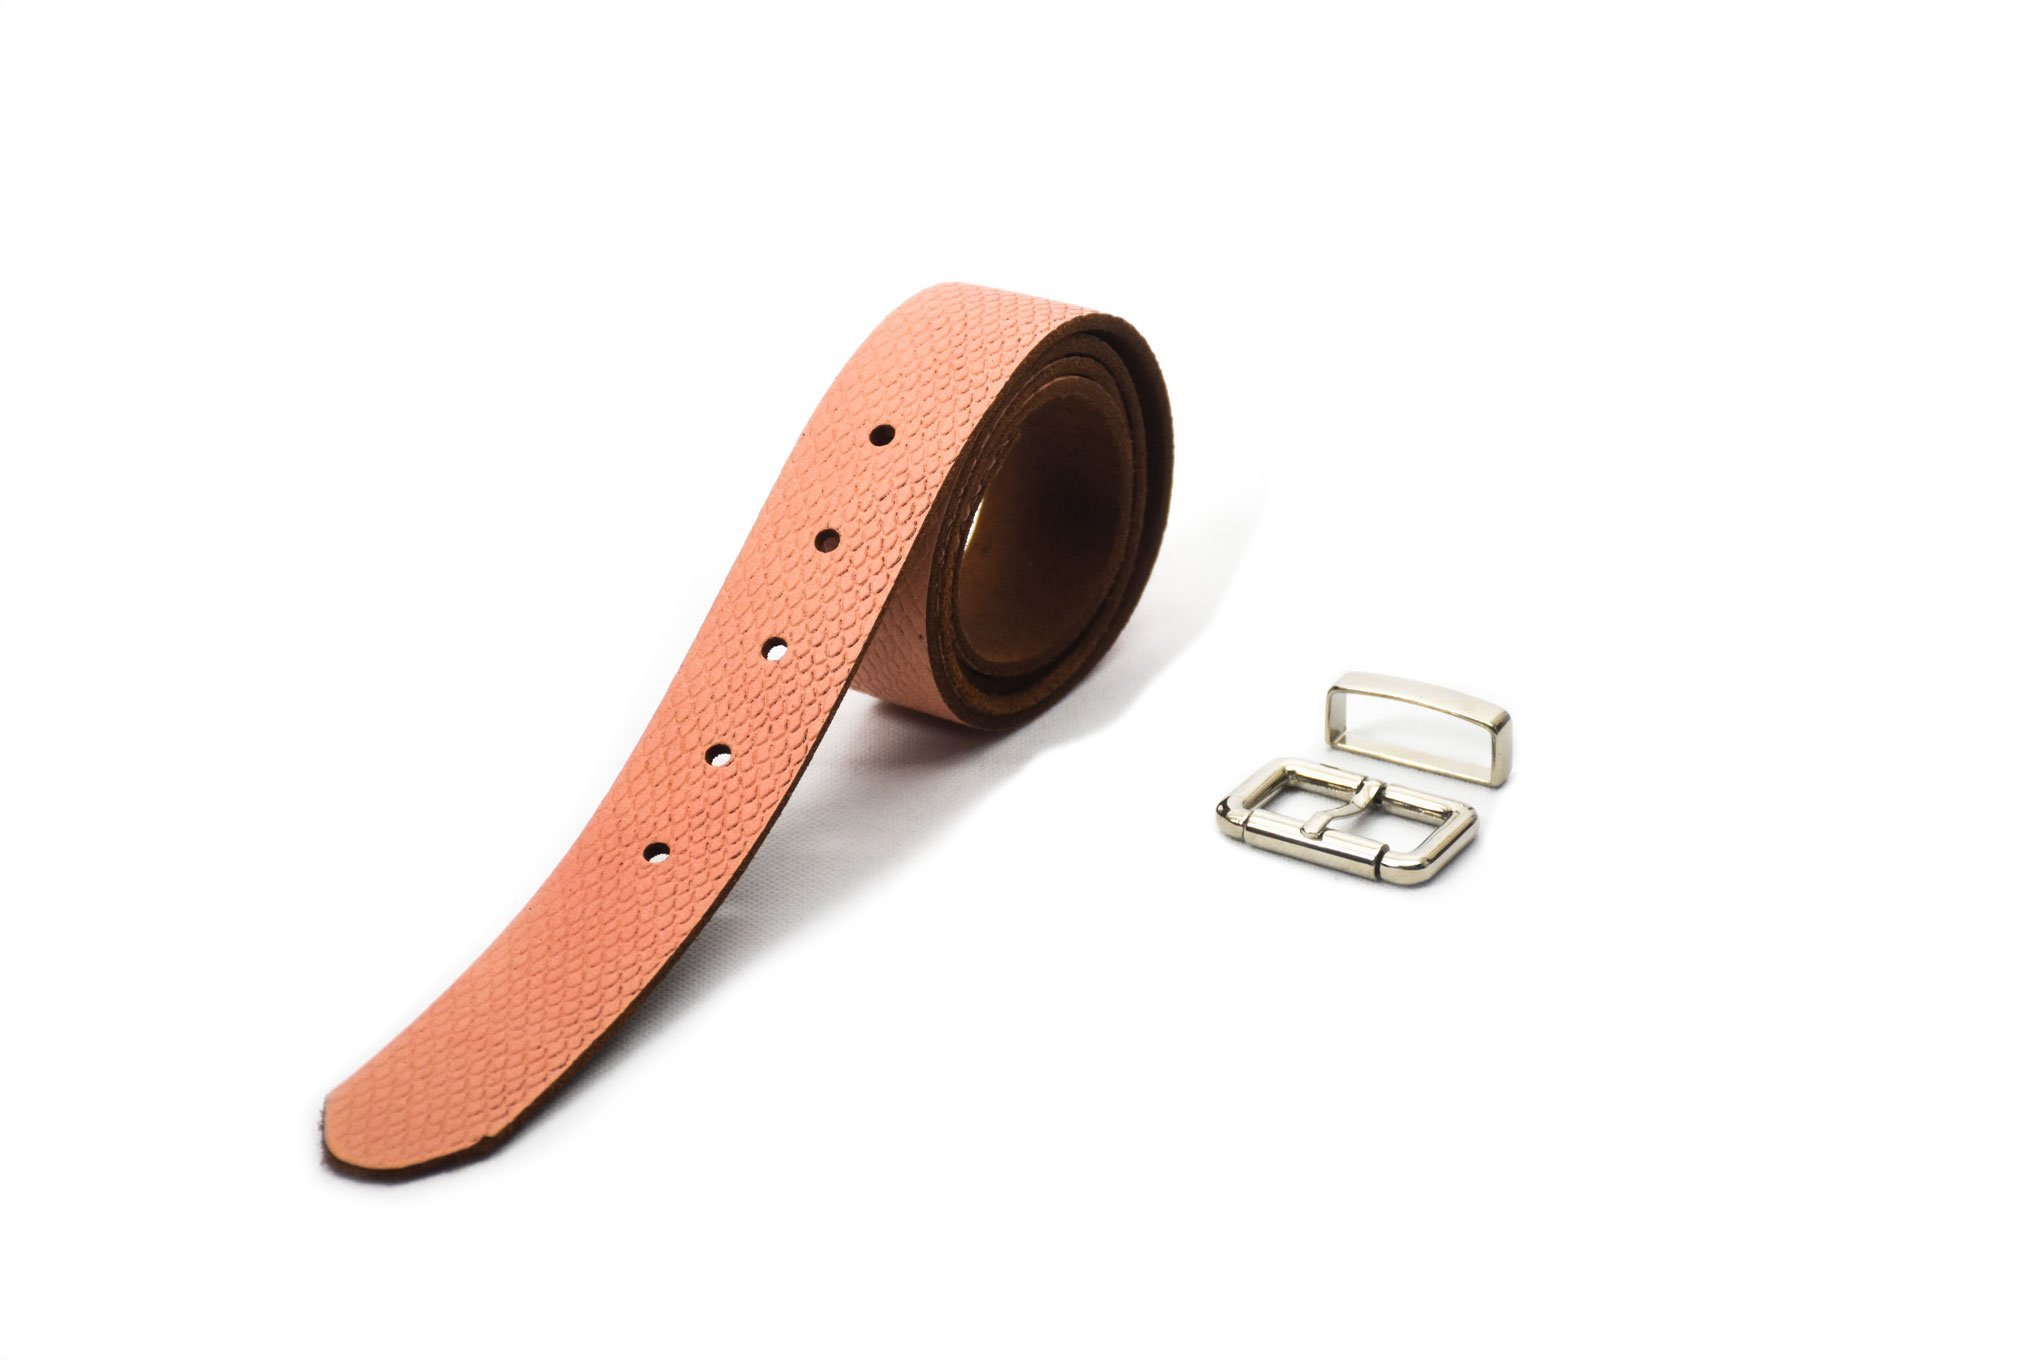 cinturón de piel cuero curtimiento vegetal color rosado grabado rombos hebilla y pasador níquel